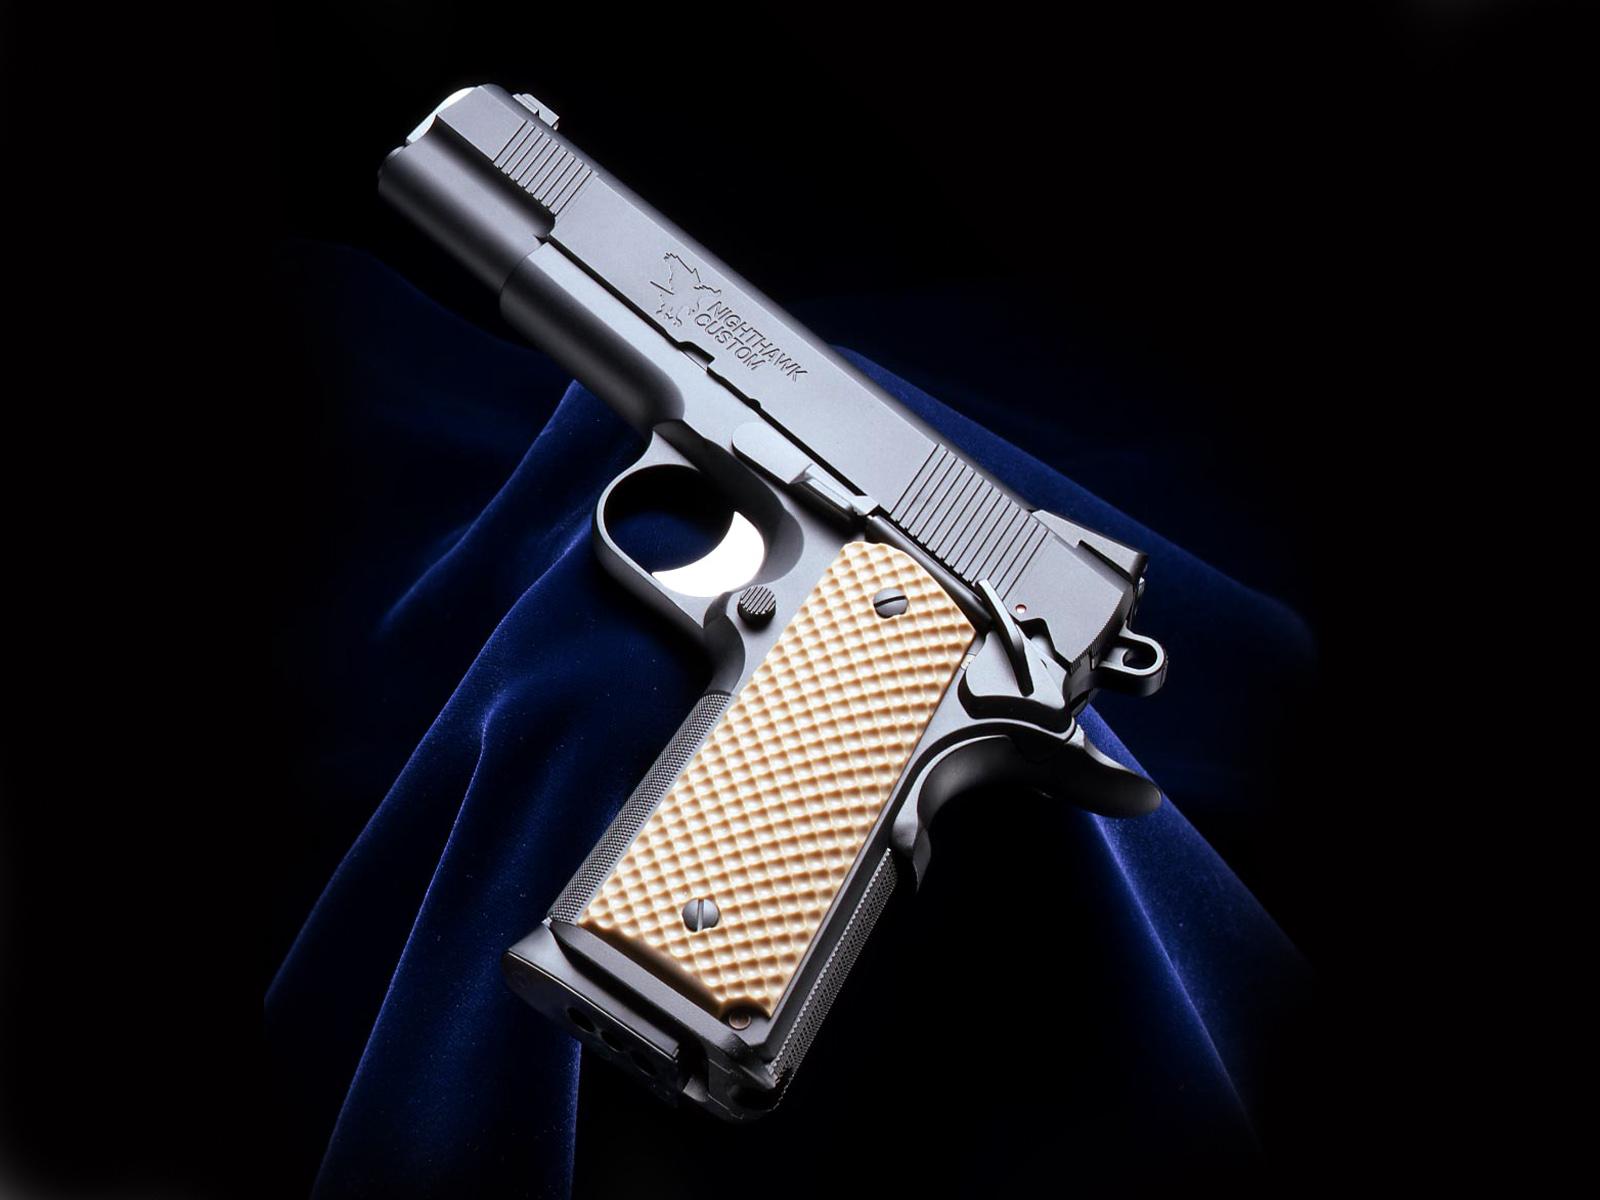 Download HQ Highthawk Guns Wallpaper Num 10 1600 x 1200 3561 1600x1200